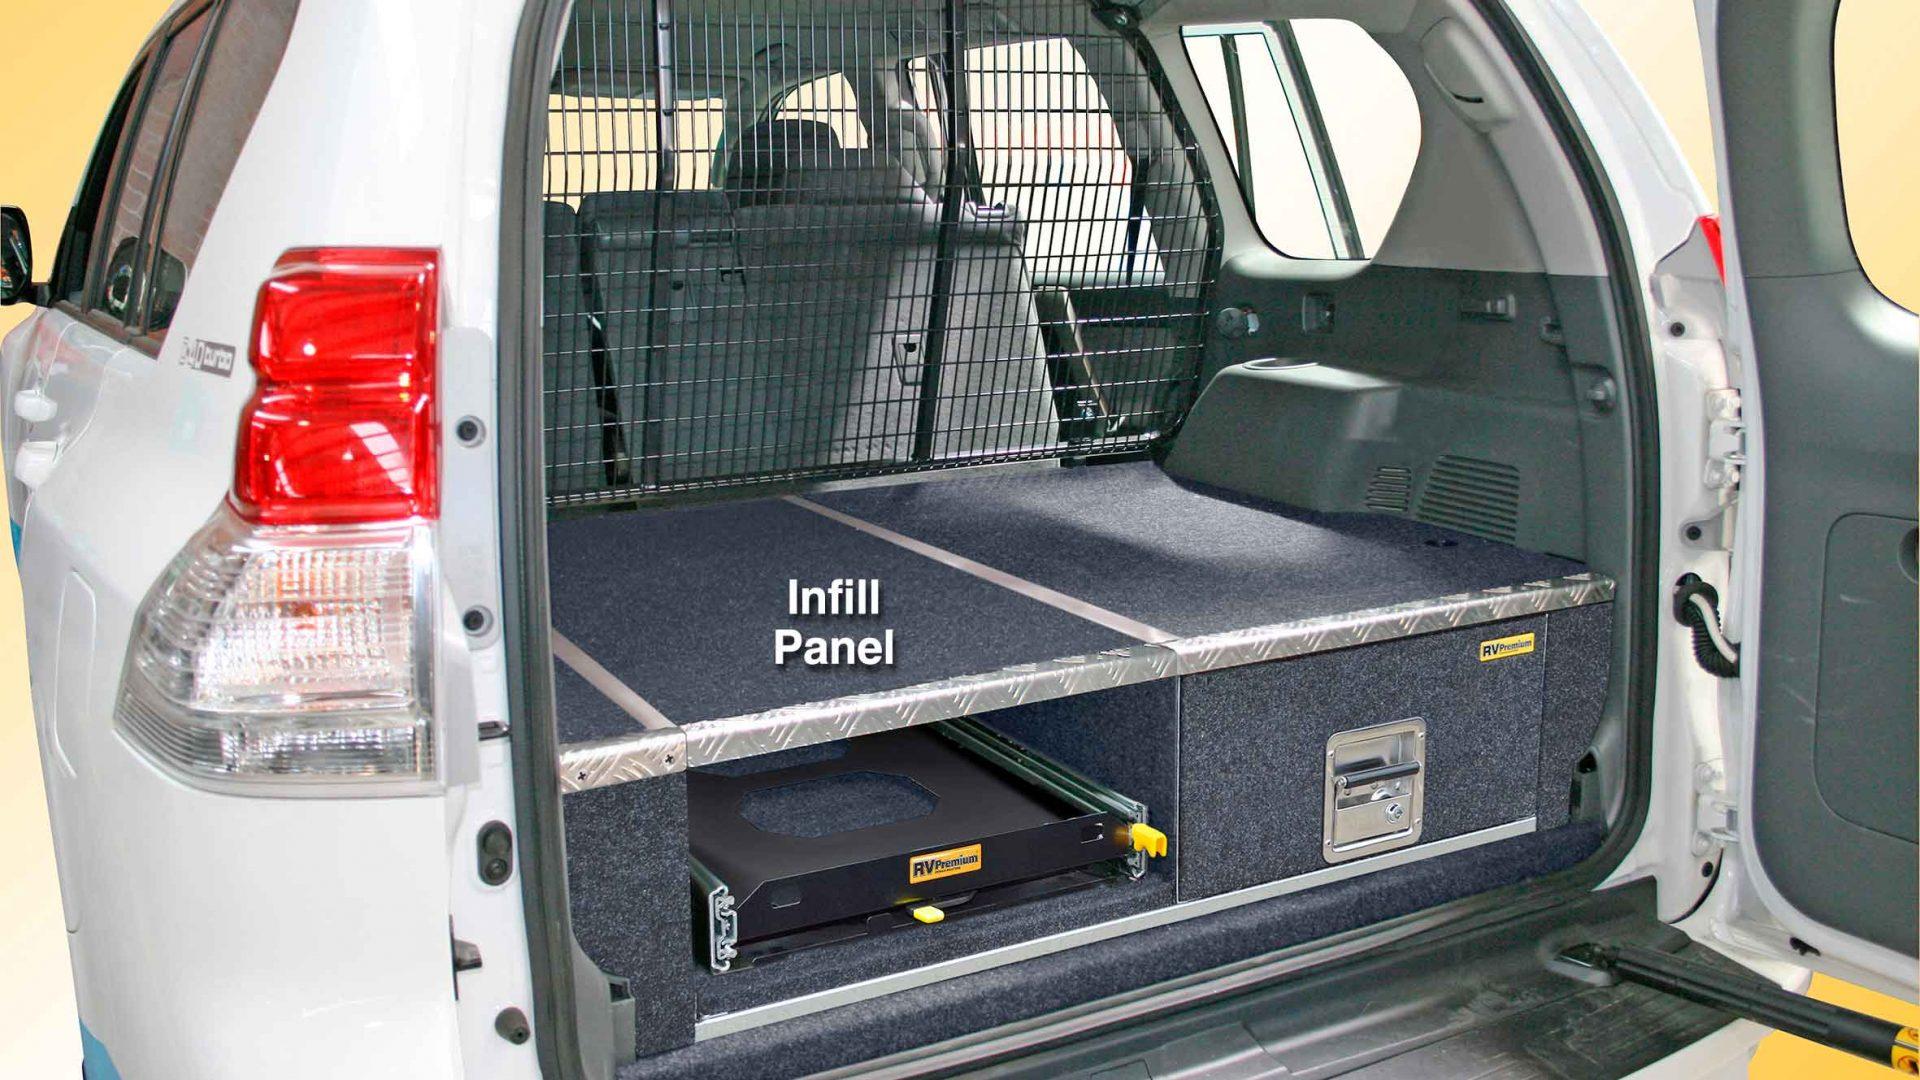 infill-panel-easy-access-combo-1-prado